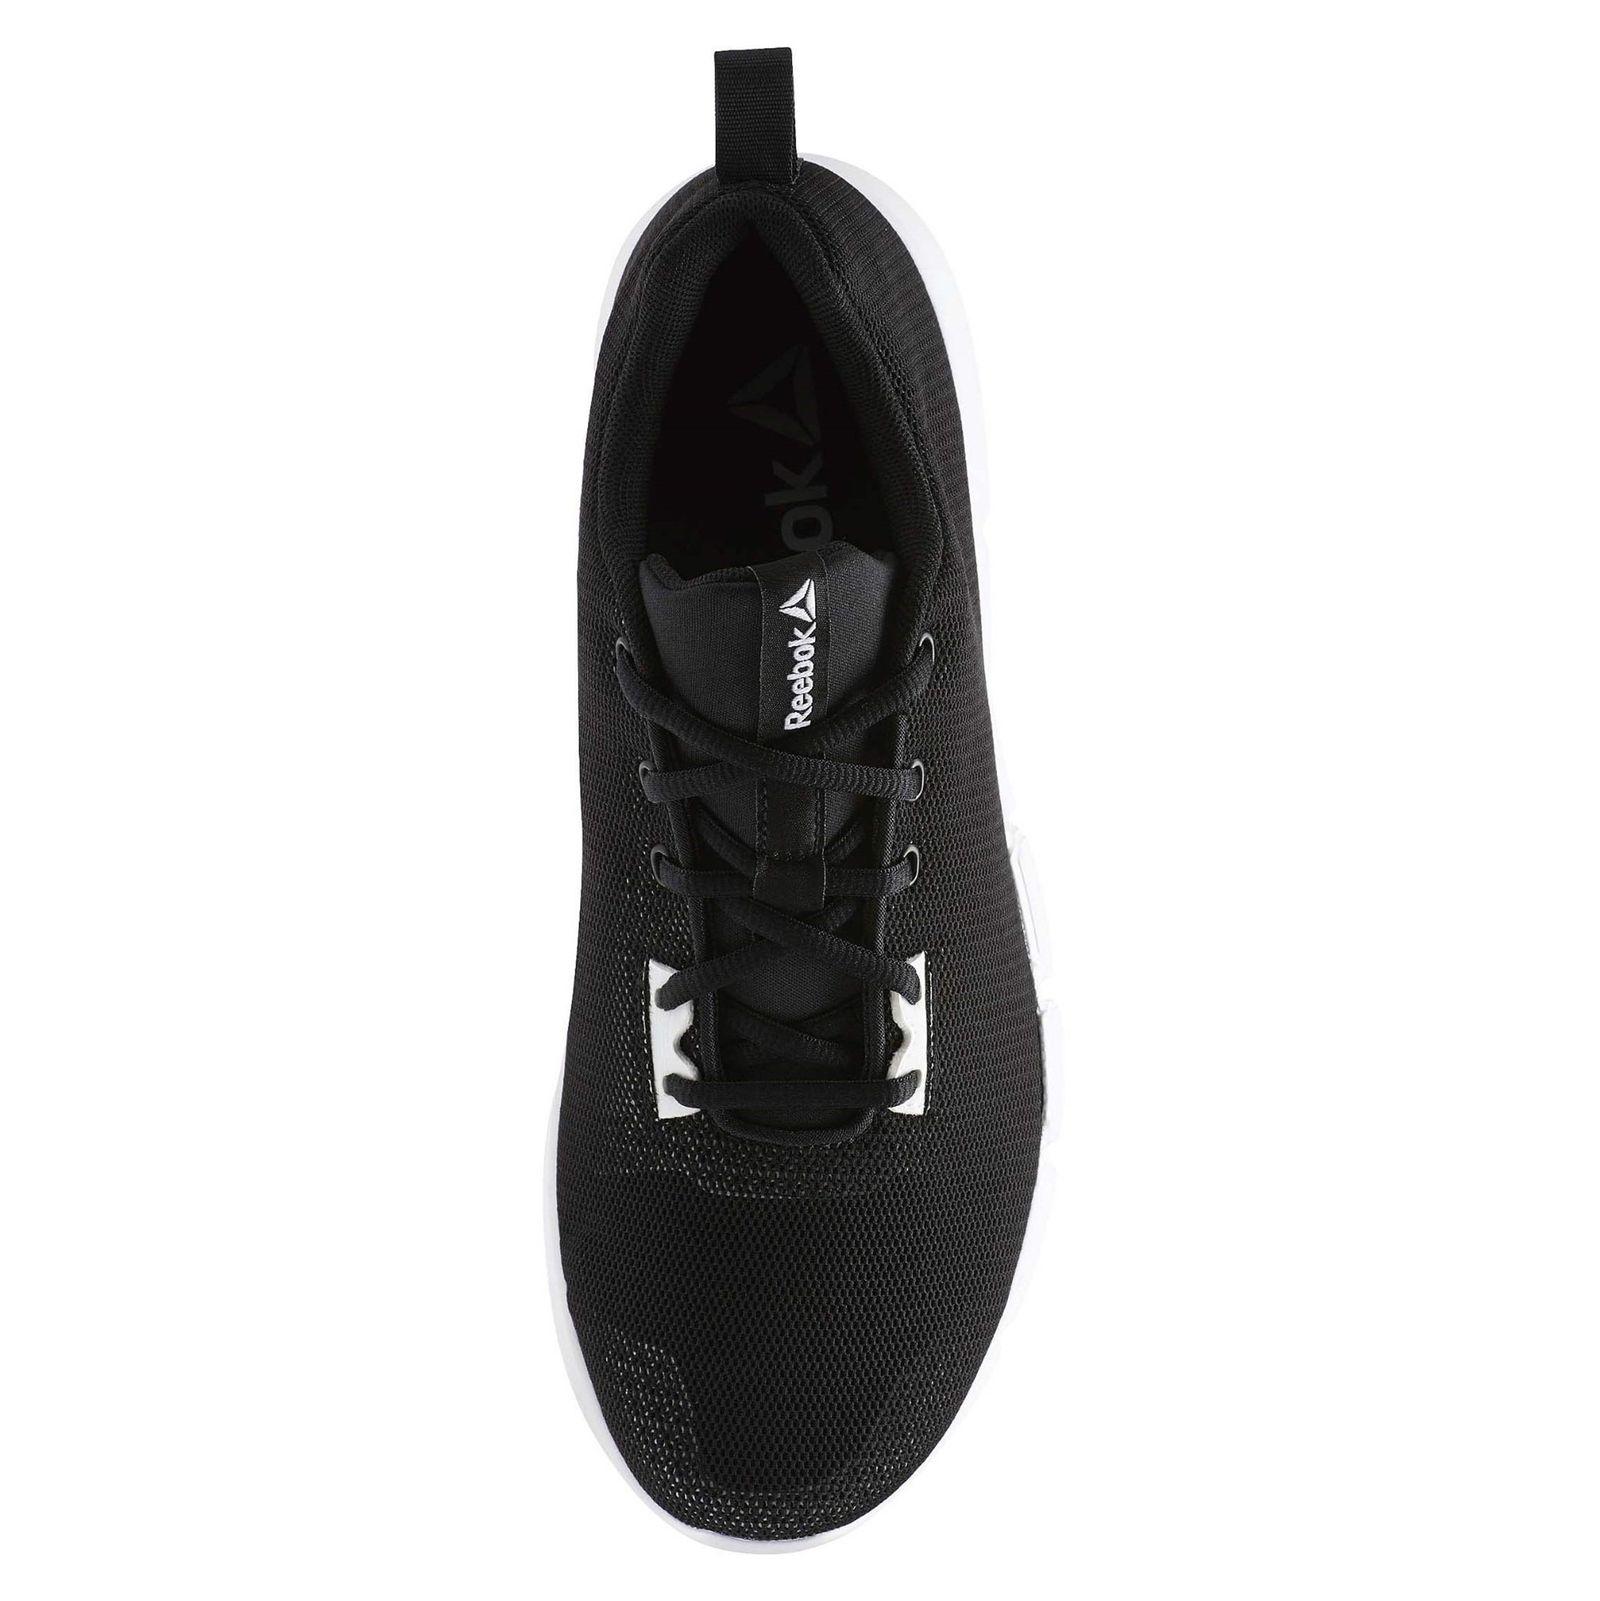 کفش تمرین بندی مردانه Hexalite TR 2-0 - ریباک - مشکي - 5